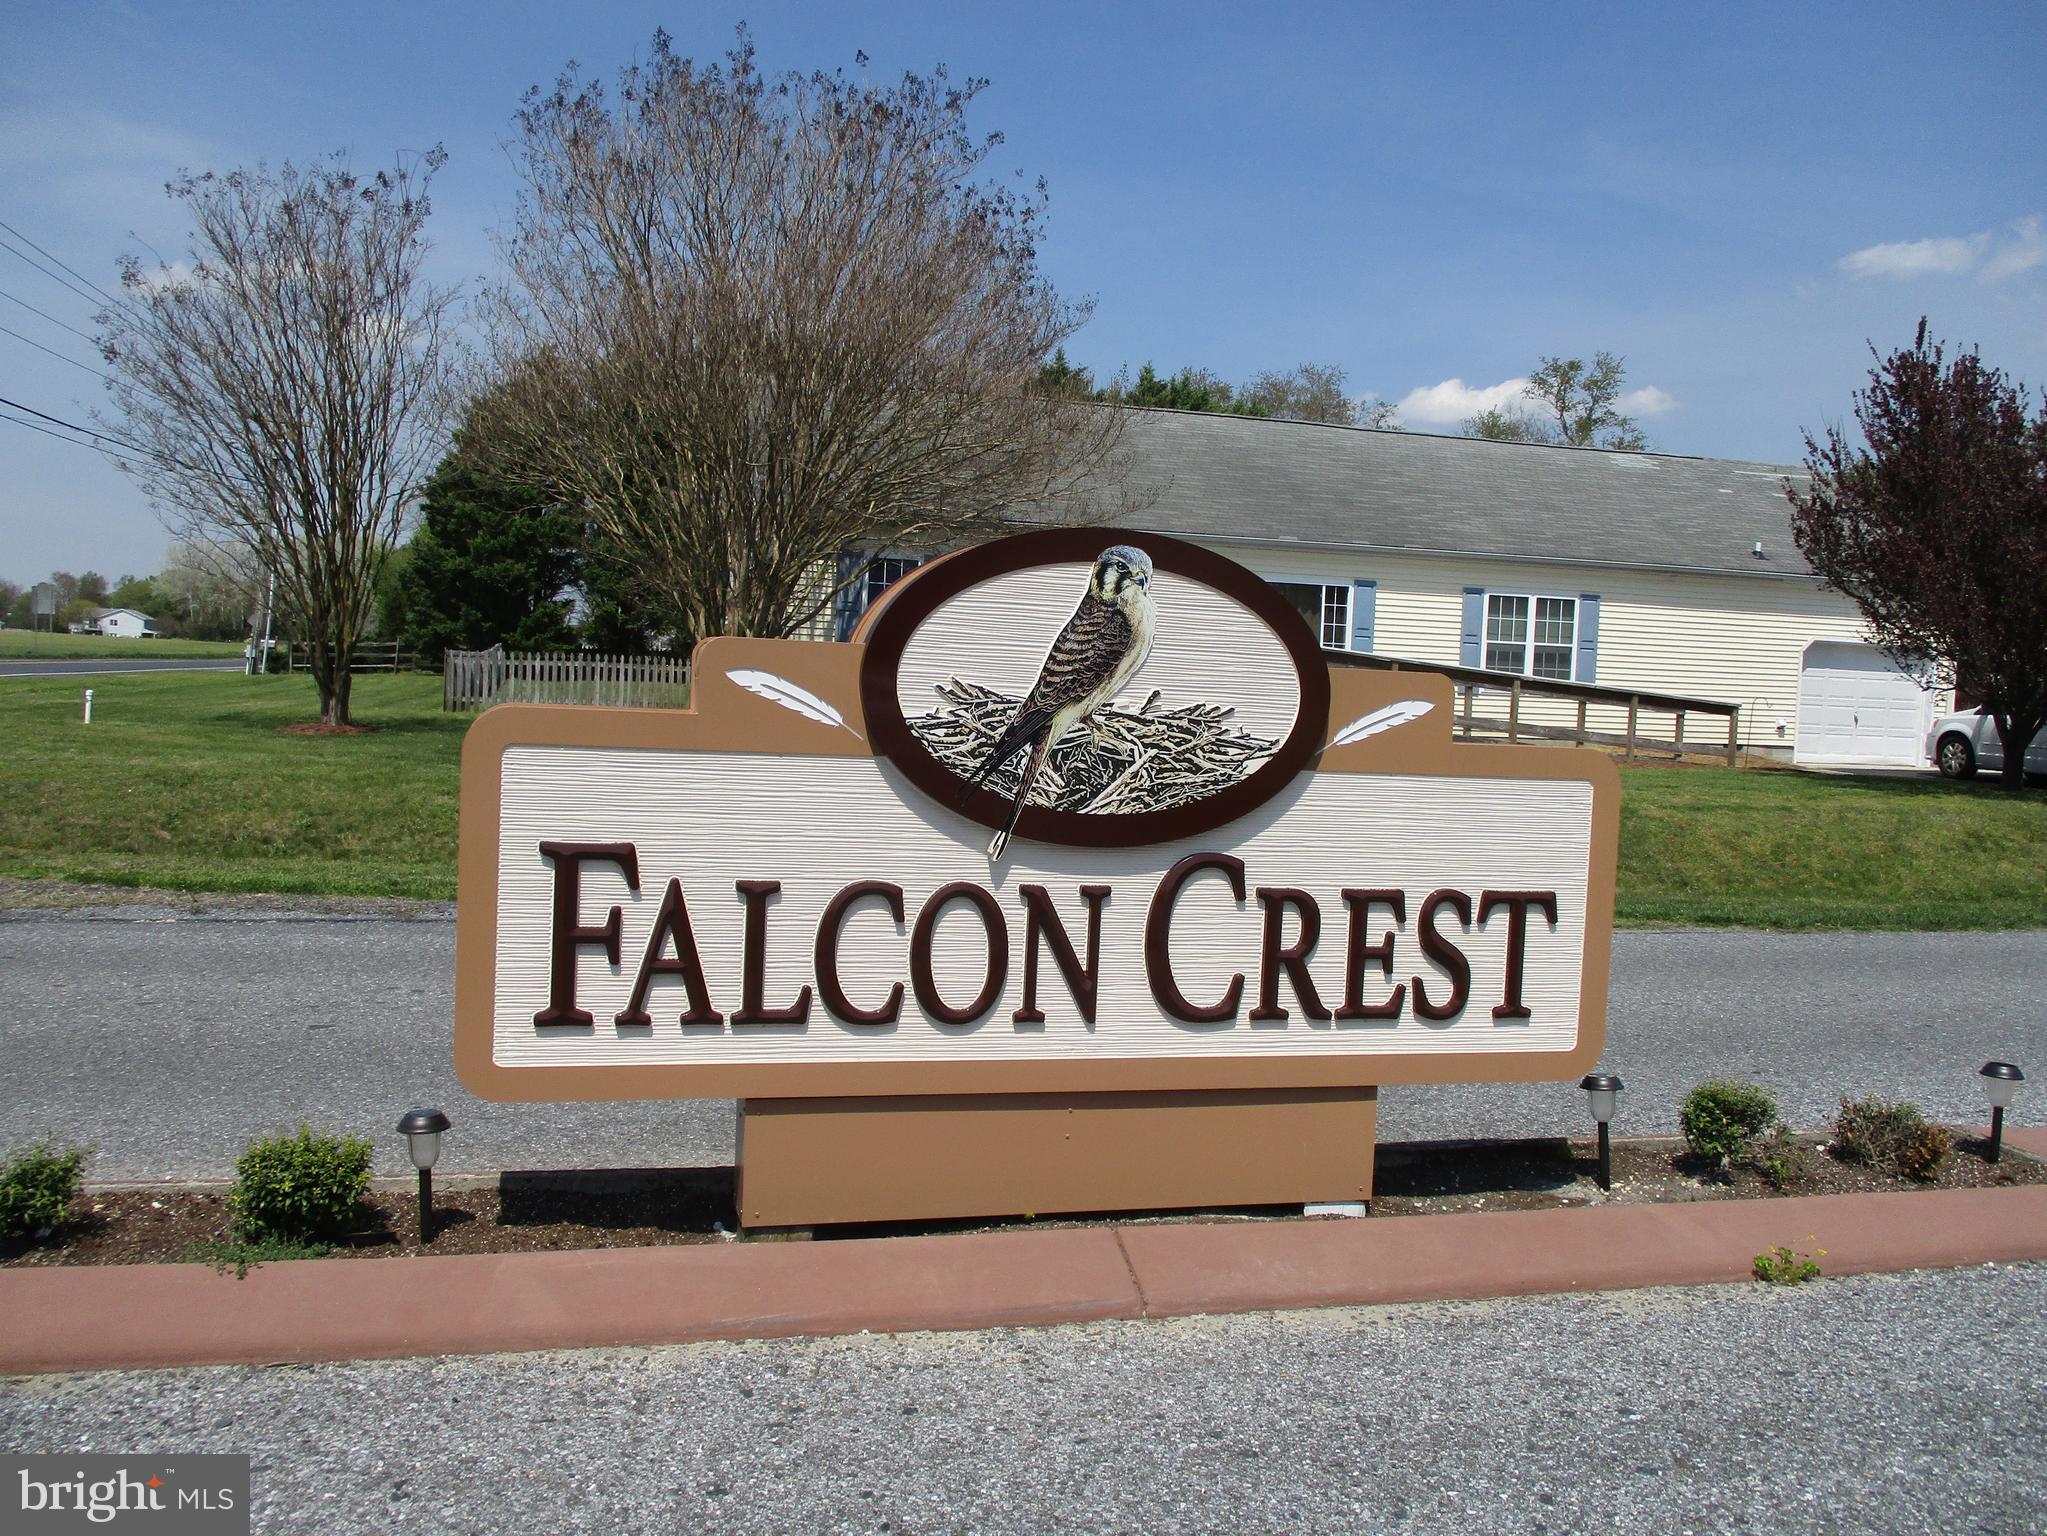 19 FALCON CREST DRIVE, HARBESON, DE 19951